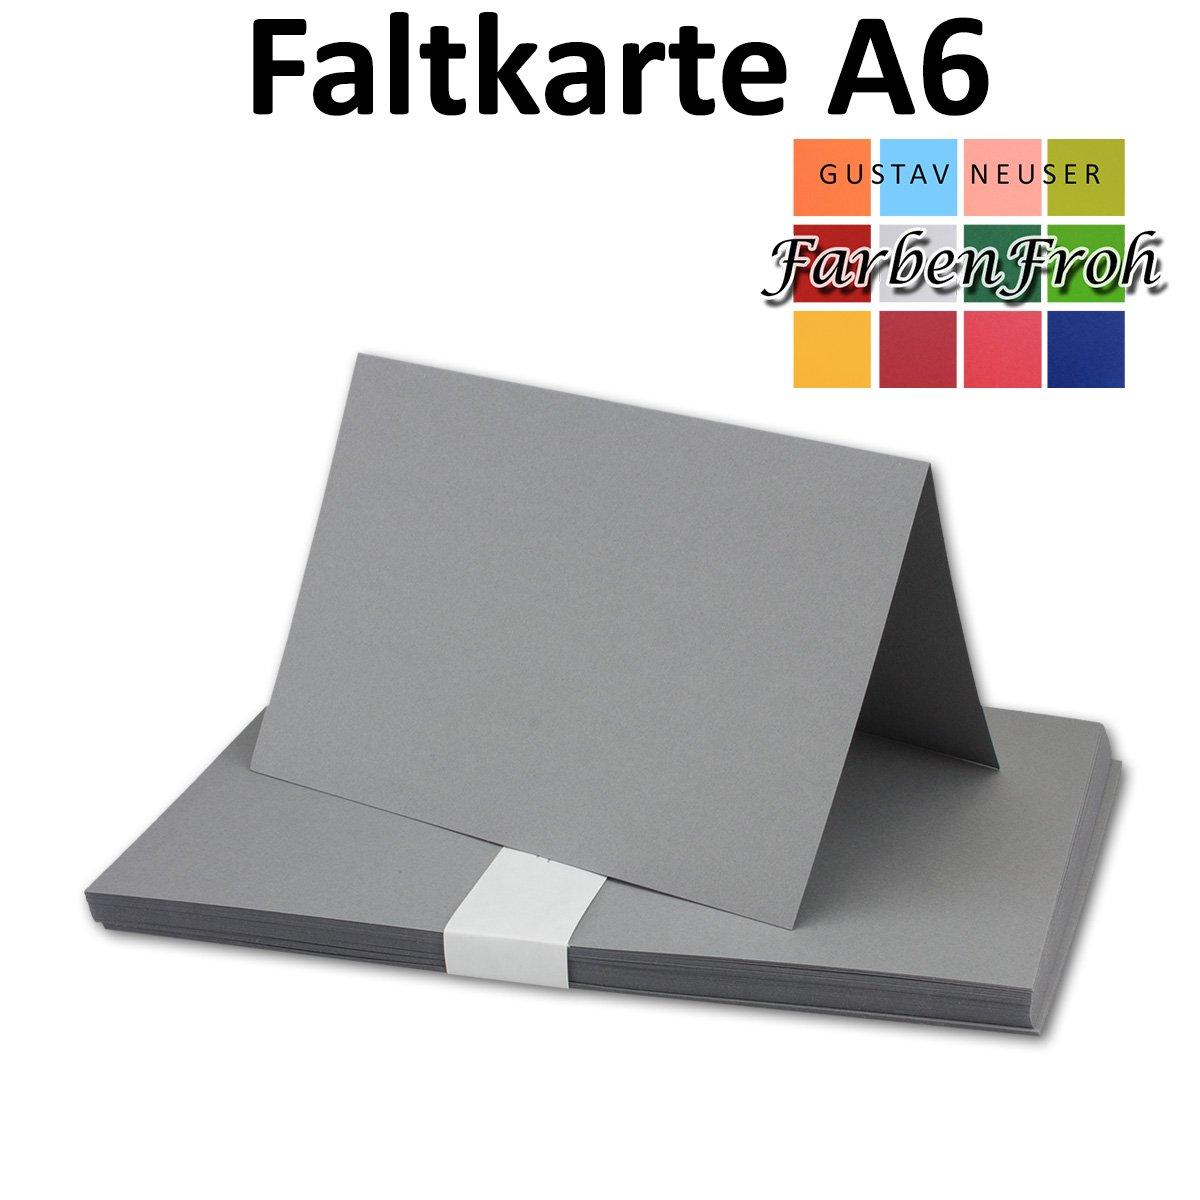 150x Falt-Karten DIN A6 Blanko Doppel-Karten in Vanille Vanille Vanille -10,5 x 14,8 cm   Premium Qualität   FarbenFroh® B078W4GMGG | Diversified In Packaging  a686fa